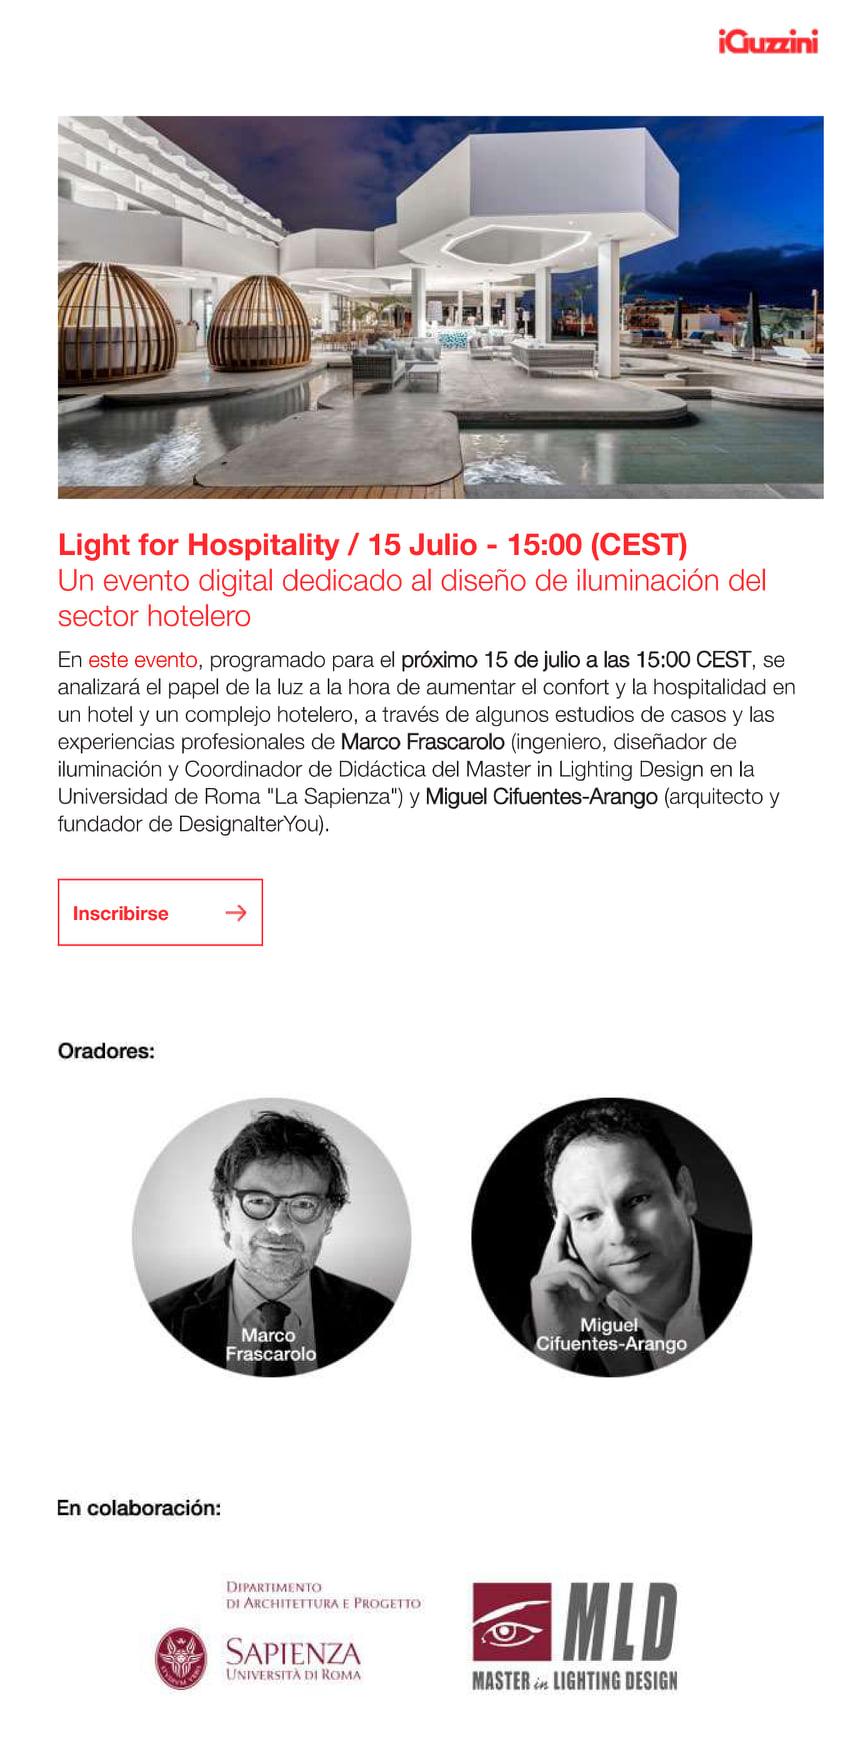 LIGHT FOR HOSPITALITY